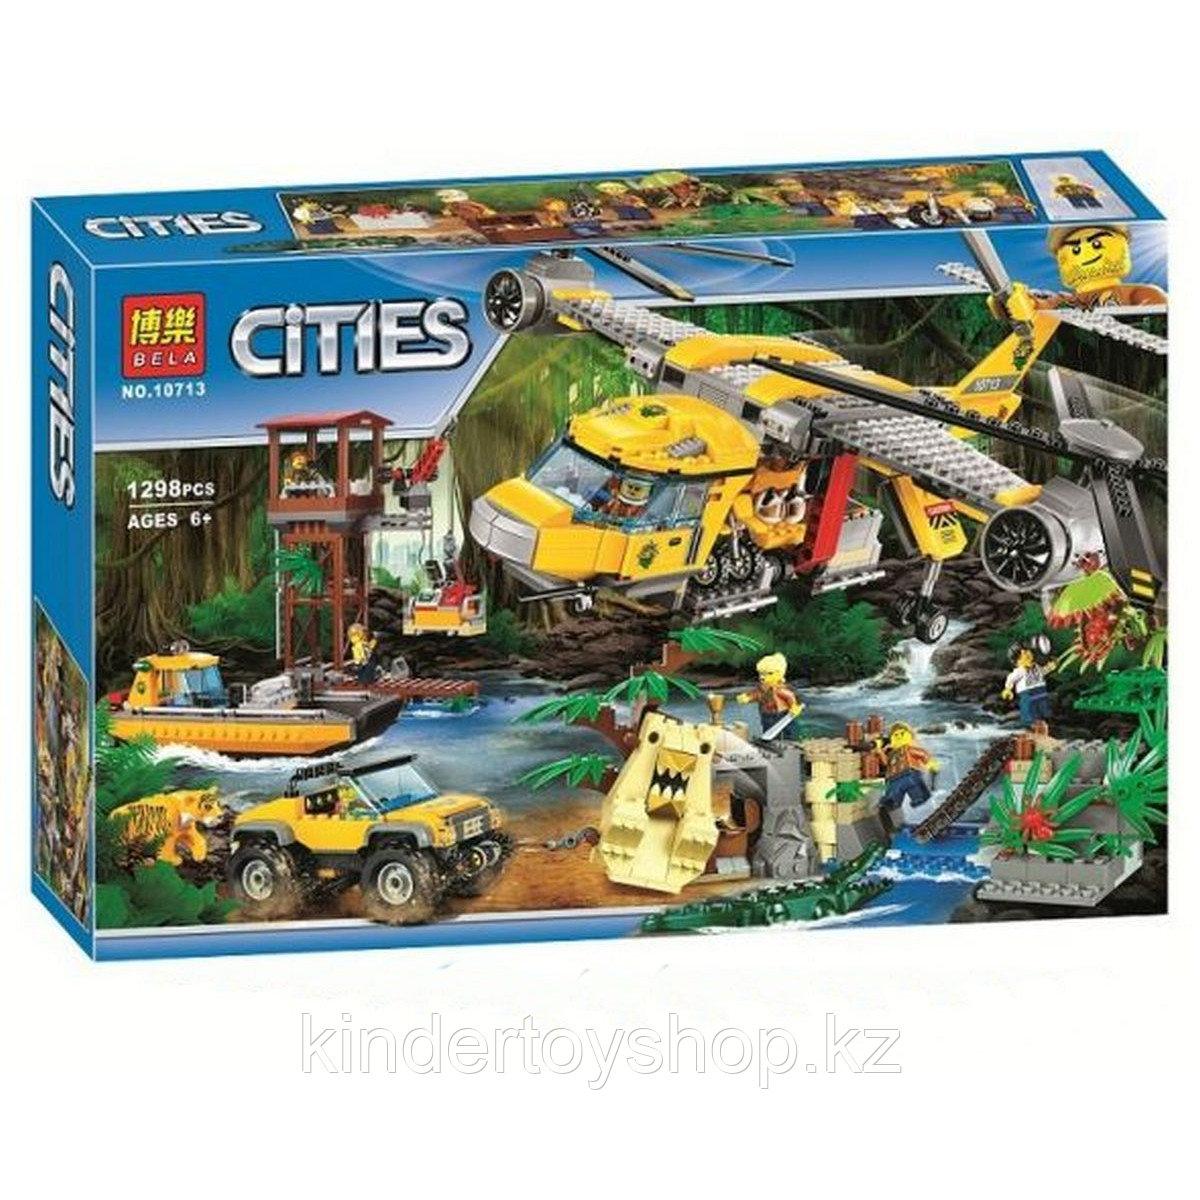 Конструктор BELA City Вертолёт для доставки грузов в джунгли 10713 (Аналог LEGO City 60162) 1298 дет